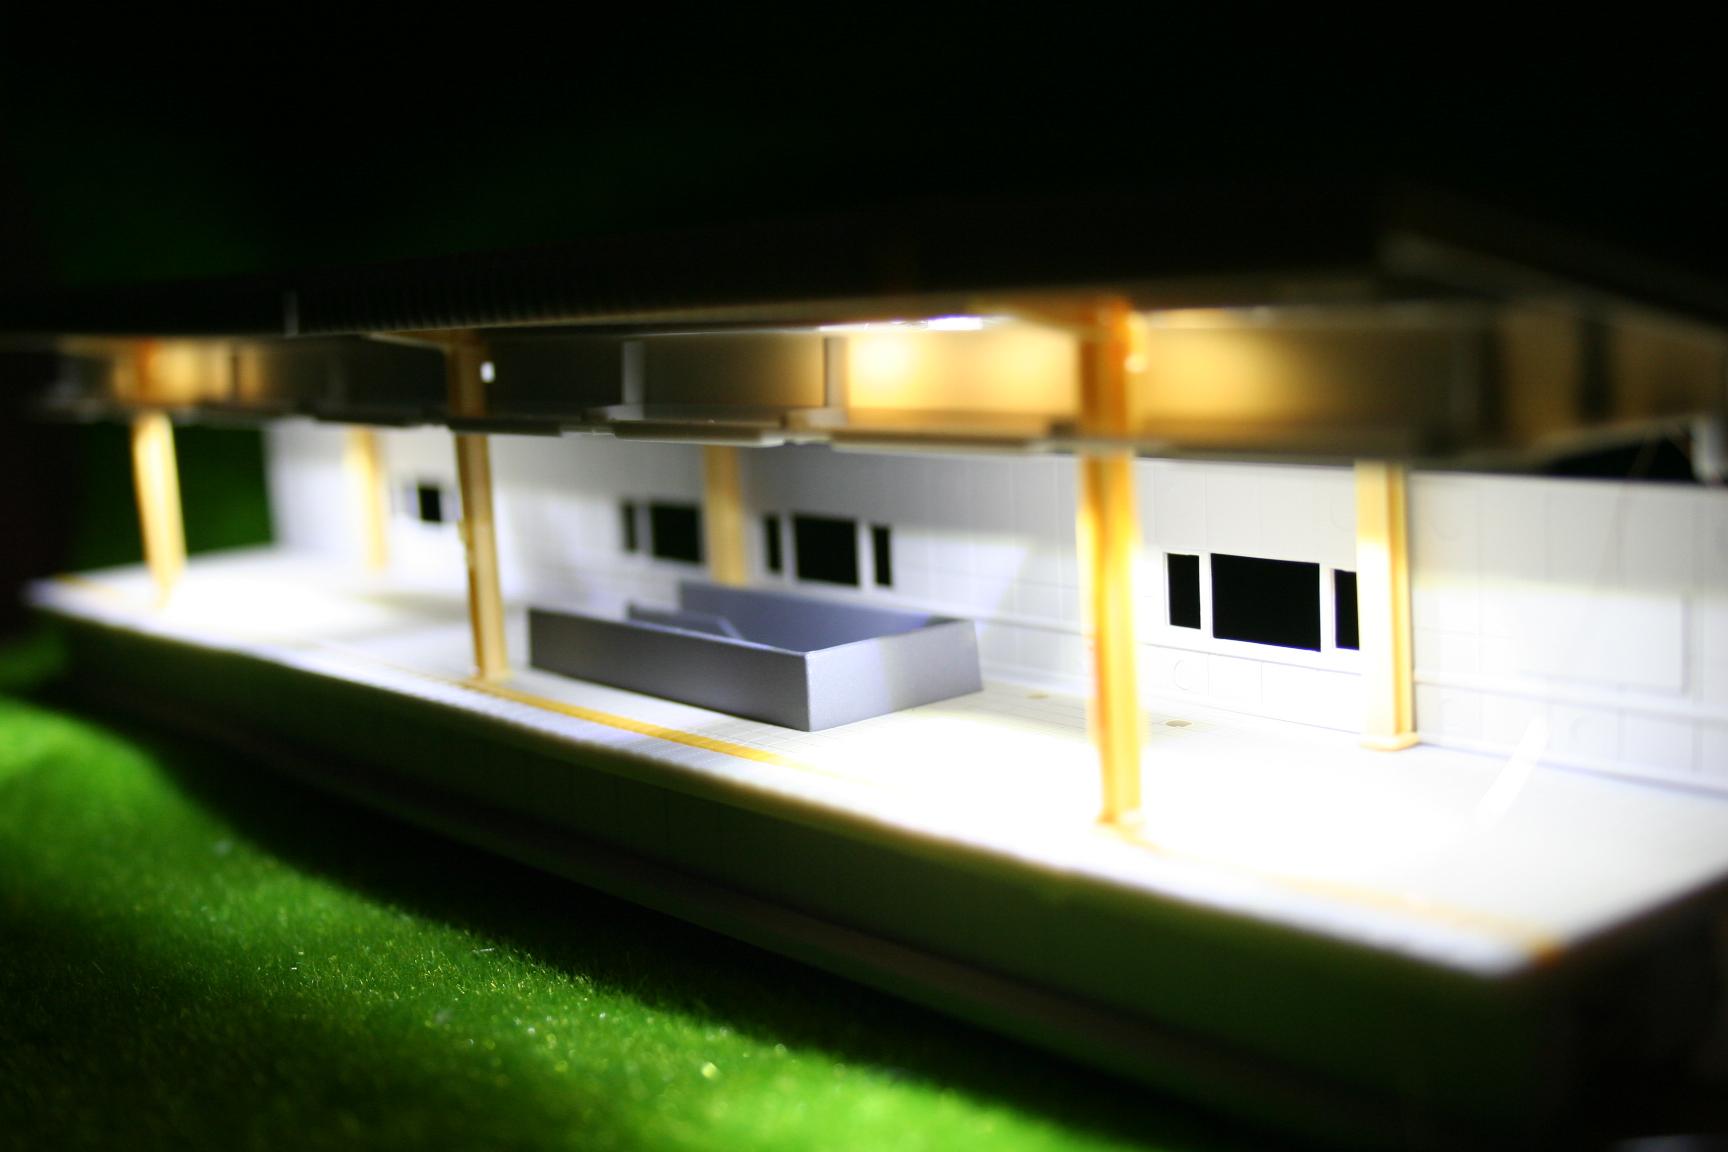 Nゲージ LED 夜景